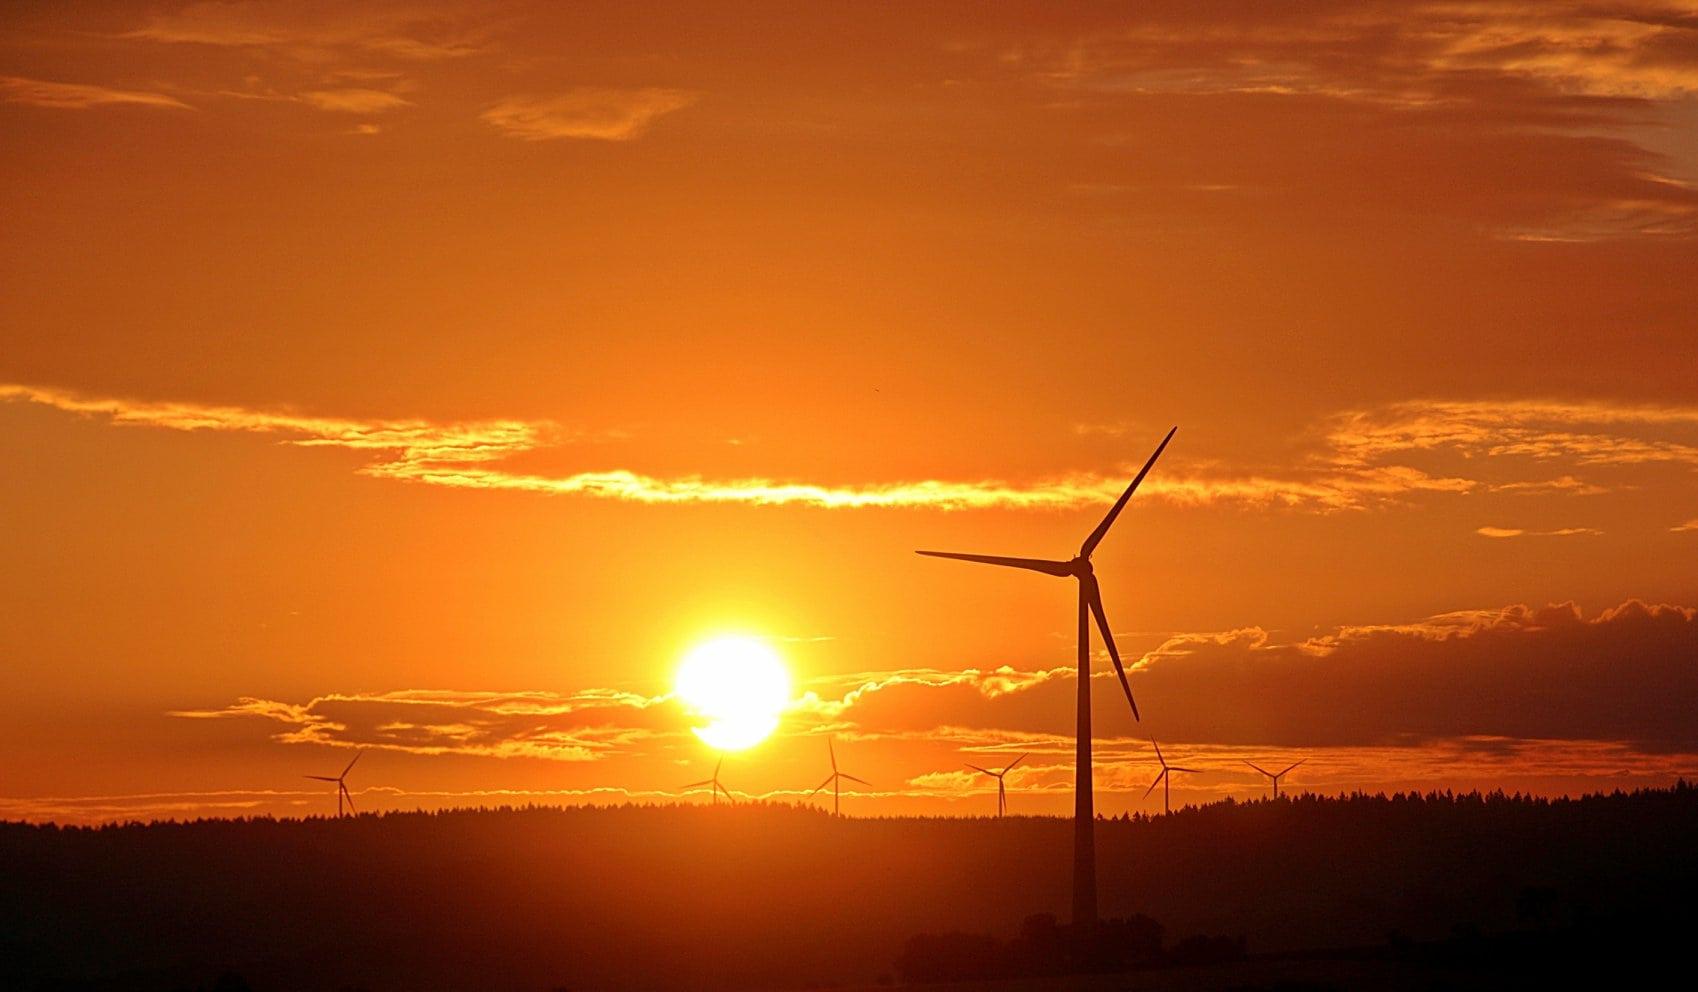 Parlamentarii PSD vor să acorde o nouă schemă de sprijin pentru producătorii de energie regenerabilă bazată pe certificate verzi care să fie decontată, din nou, din buzunarul consumatorilor, așa cum s-a întâmplat până în anul 2013. Totul pornește de la afirmația domnului Iulian Iancu. El a spus, la un moment dat, că România și-a asumat […]